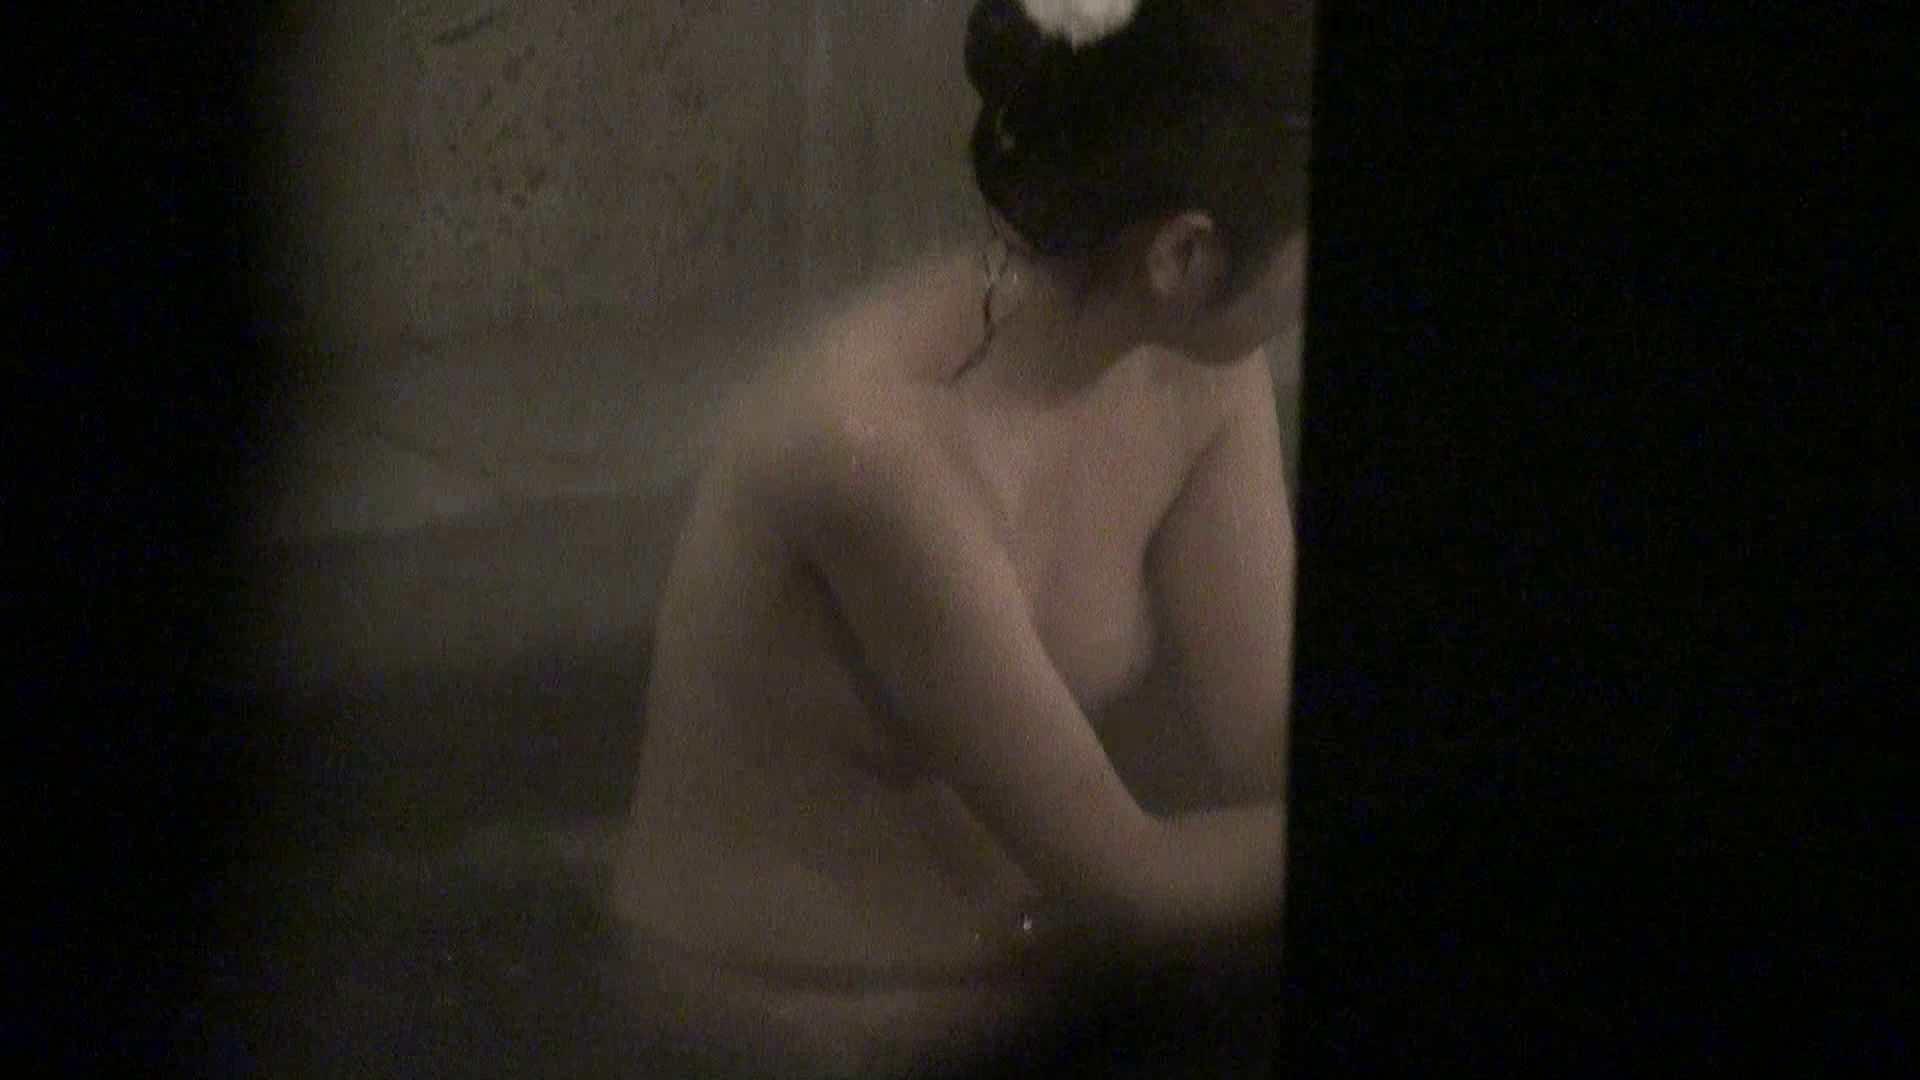 Aquaな露天風呂Vol.417 OLセックス のぞきおめこ無修正画像 58画像 32